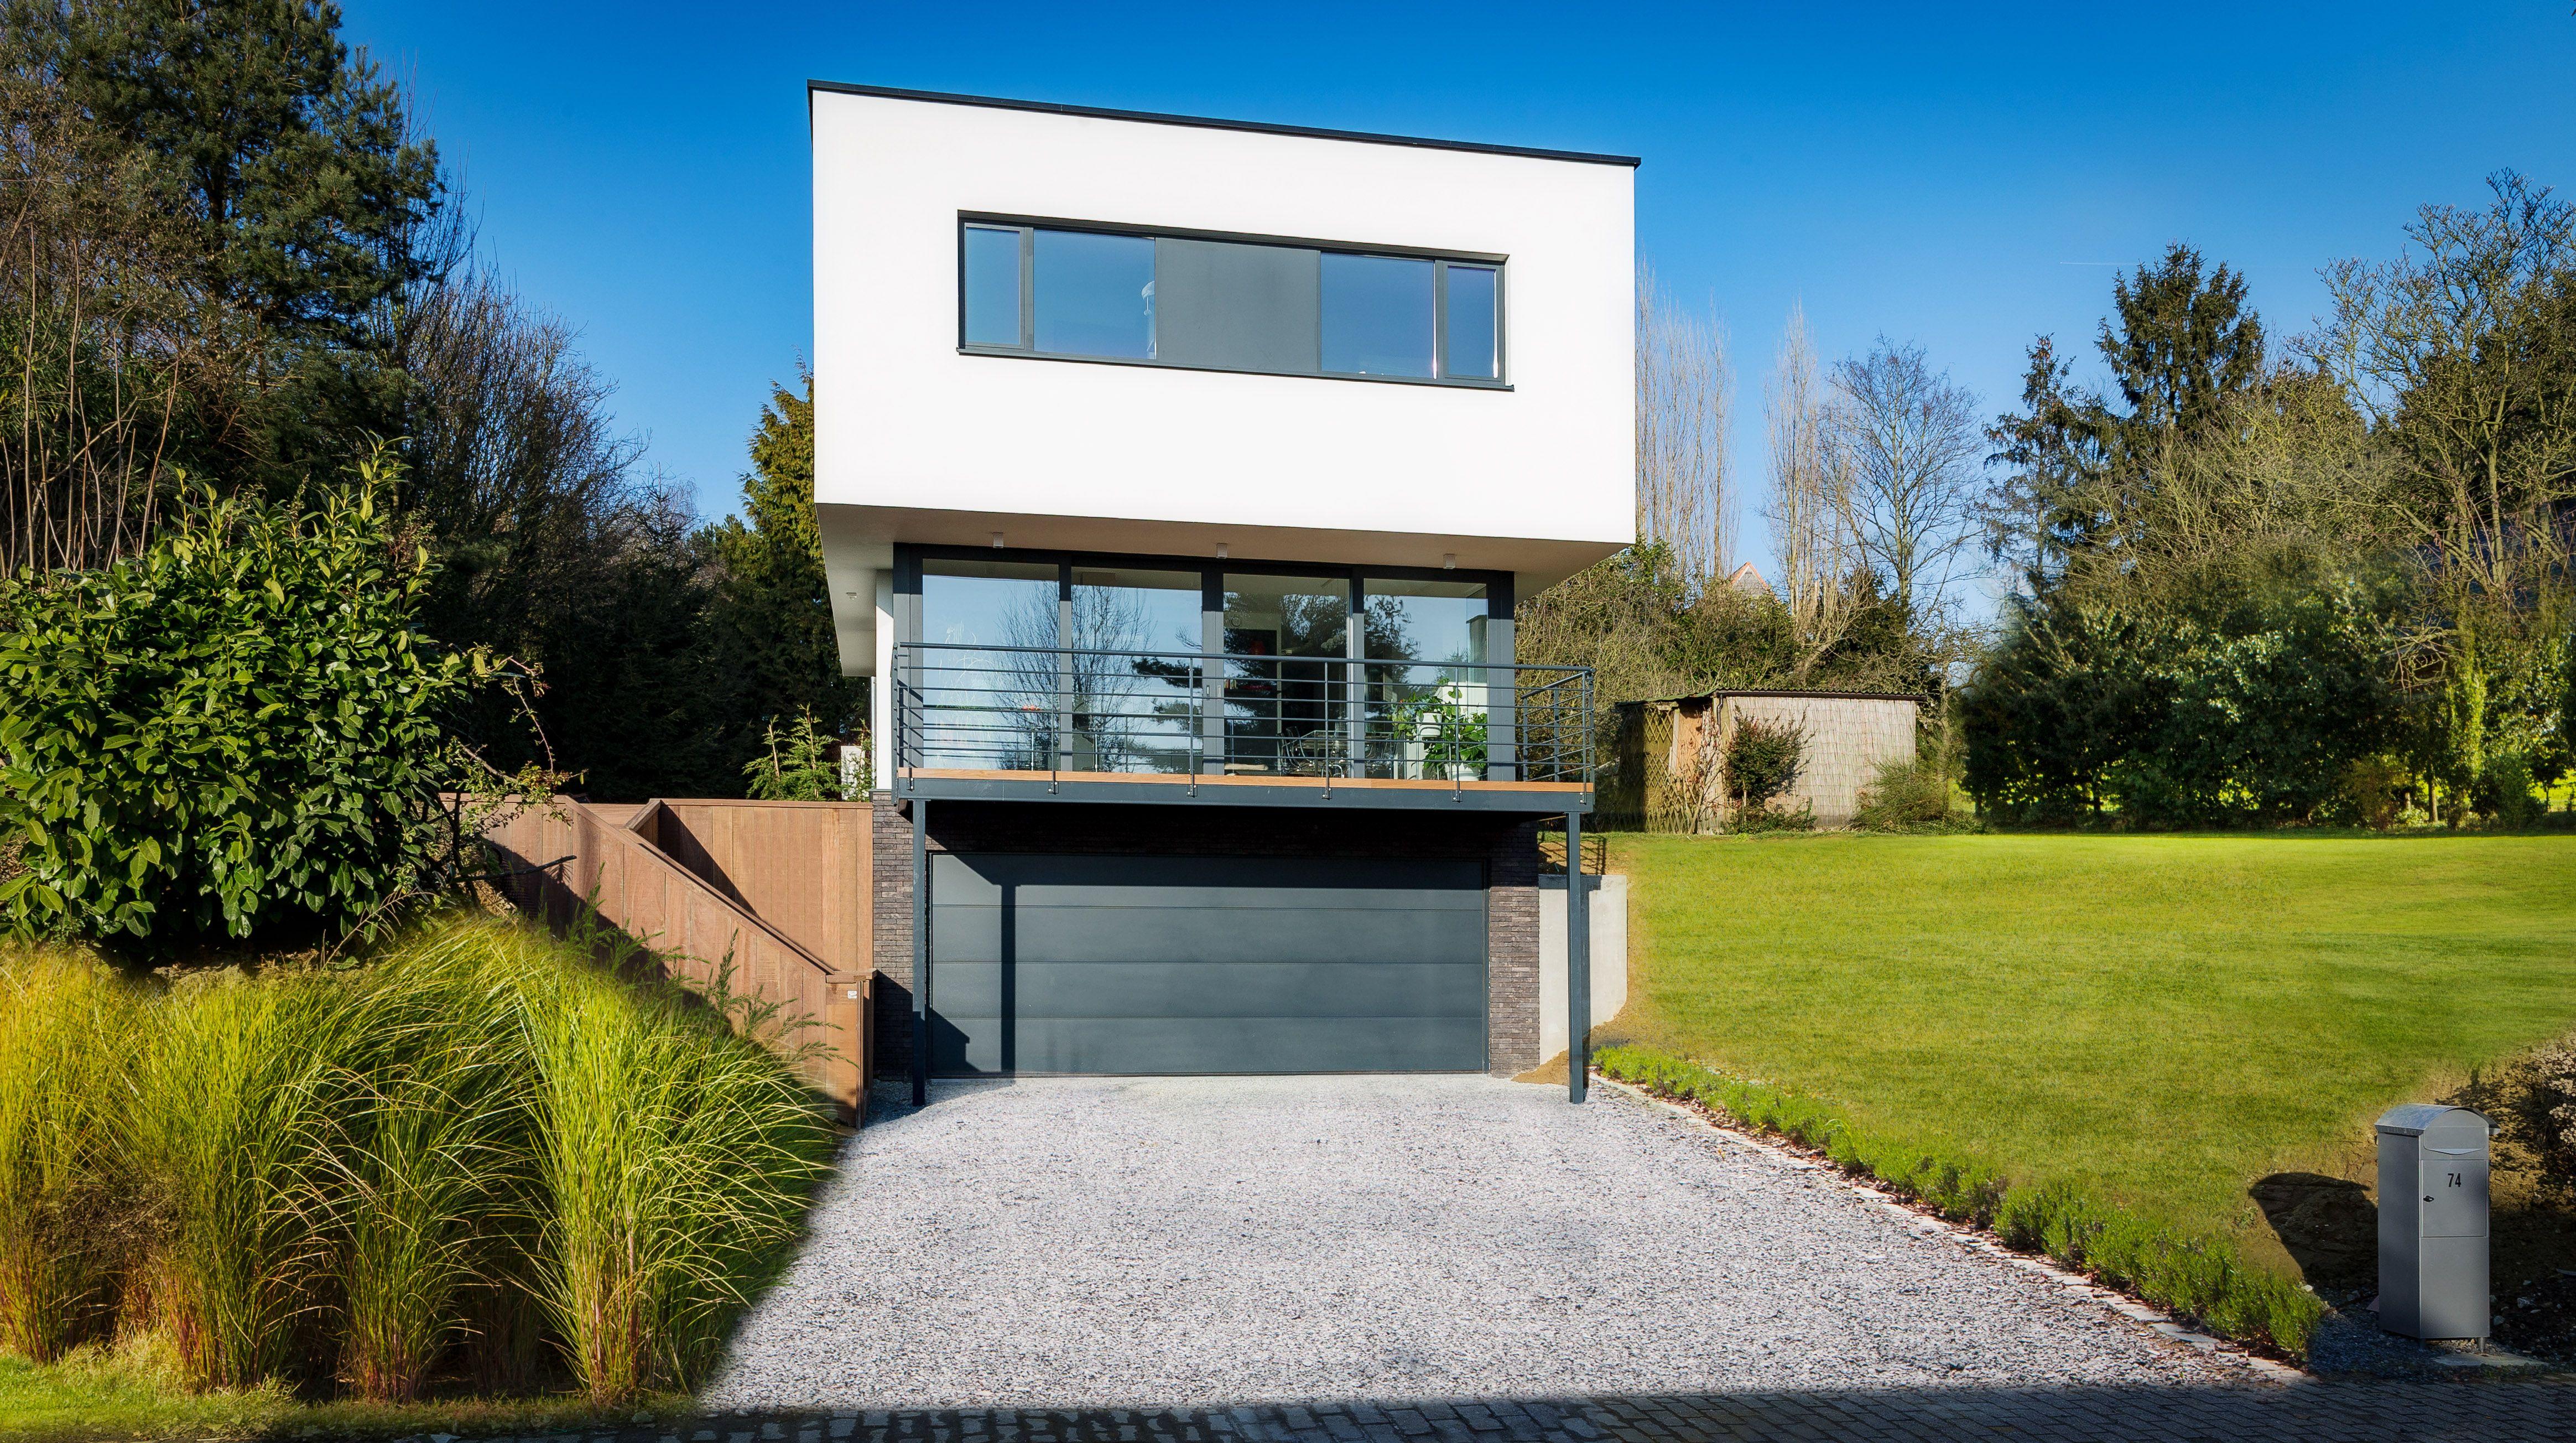 Maison moderne en périphérie urbaine de Bruxelles | Inspirations ... - Photo De Maison Moderne